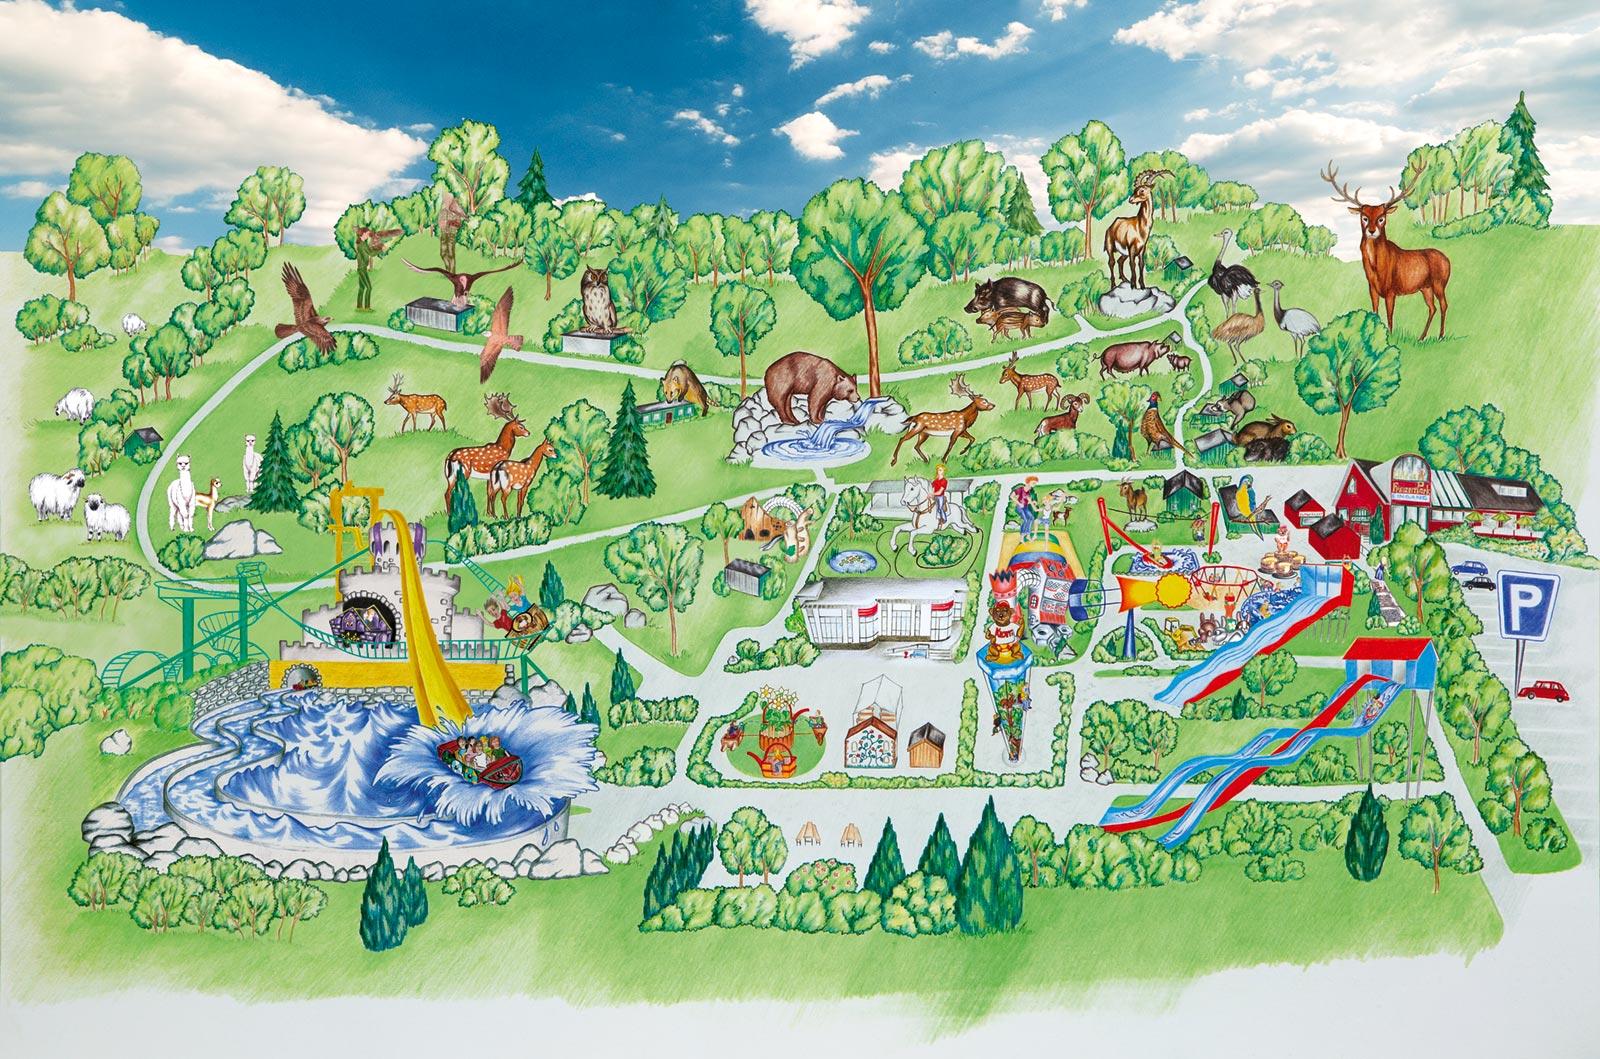 Park map 2020